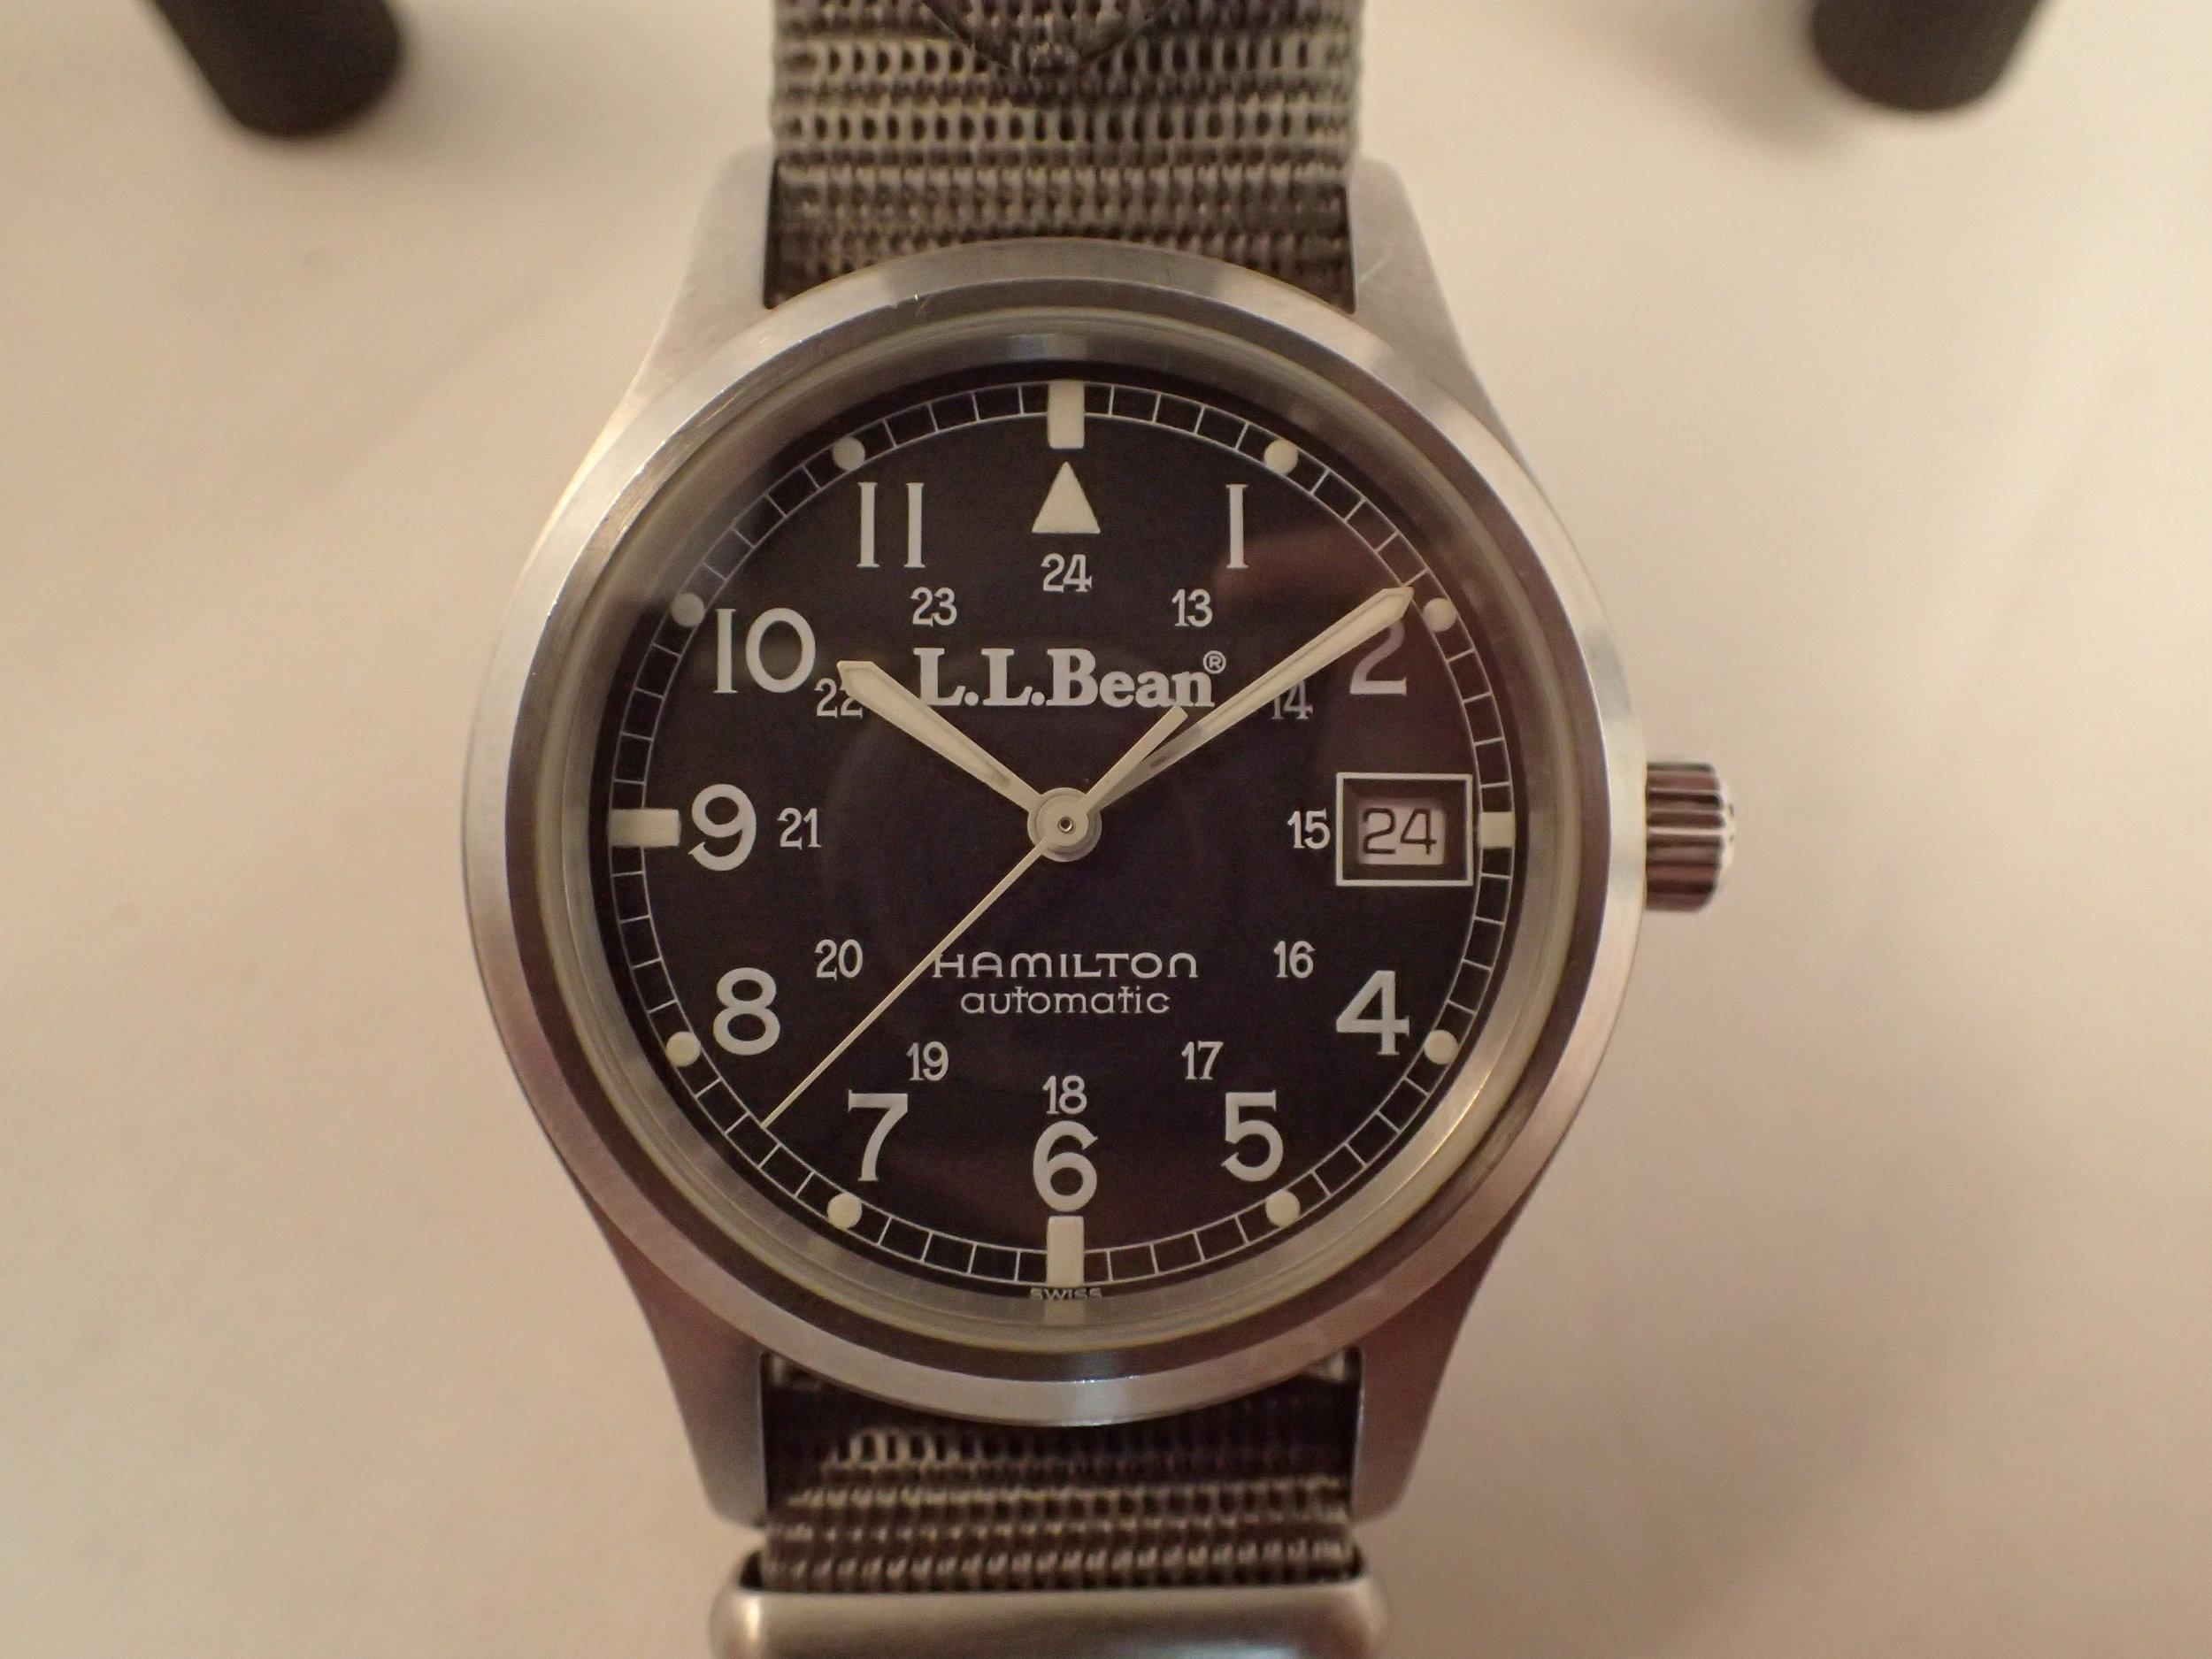 The Hamilton 9721 LL Bean RAF Automatic.